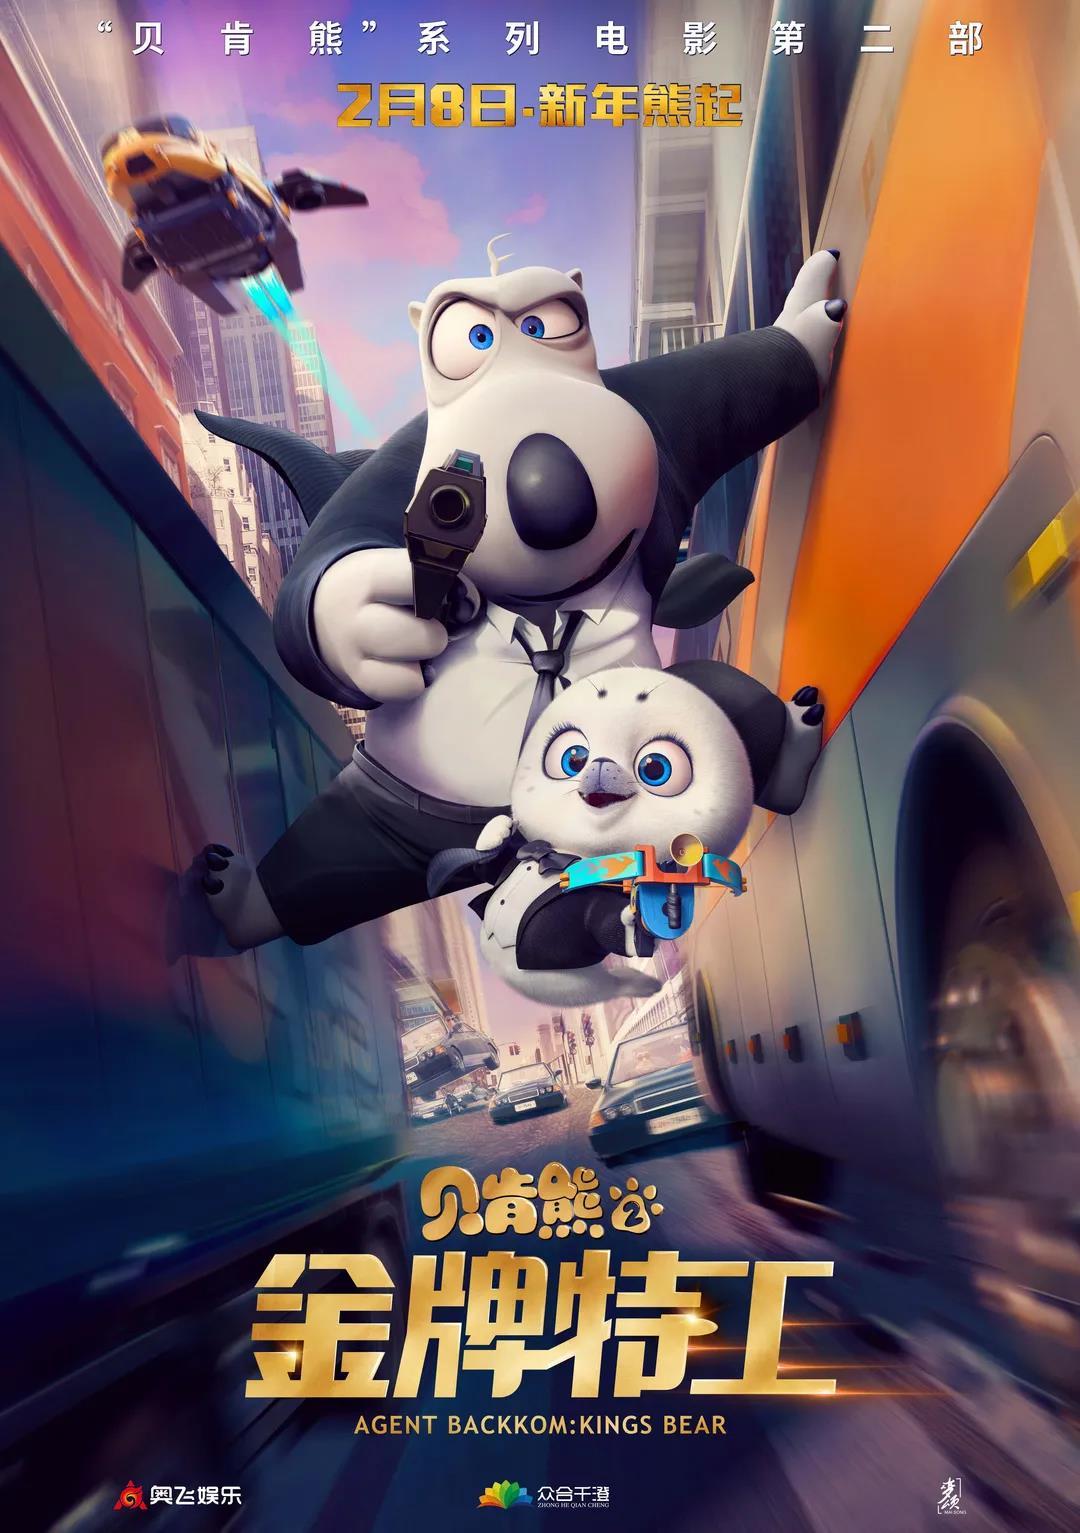 《贝肯熊2:金牌特工》电影海报 - 瑞云渲染农场